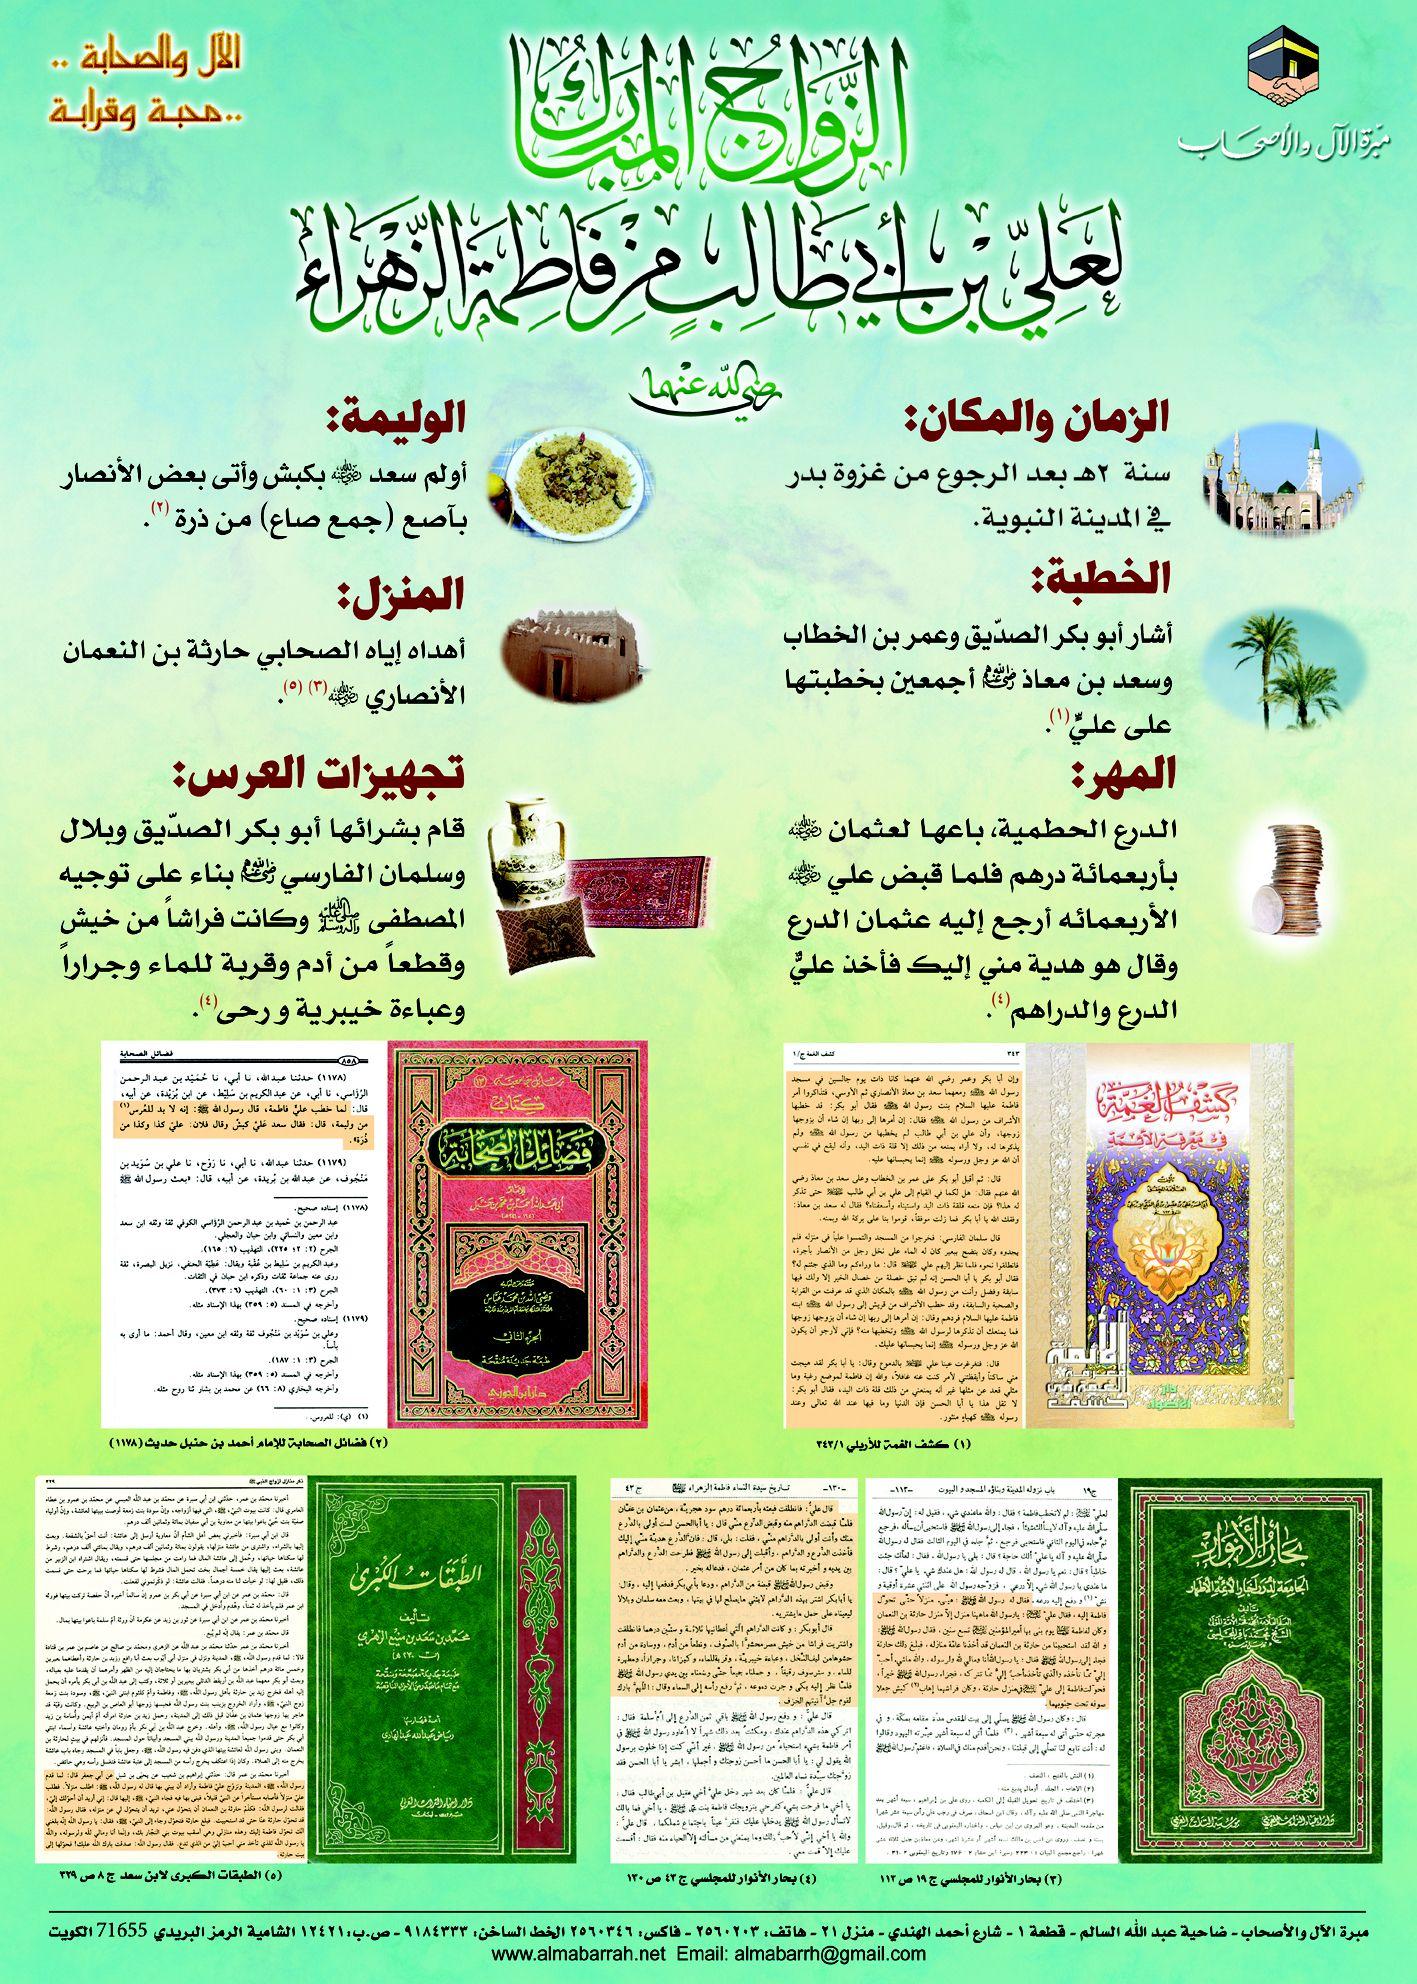 زواج علي بن ابي طالب على فاطمة الزهراء بنت رسول الله صلى الله عليه وسلم Bullet Journal Arabic Books Journal